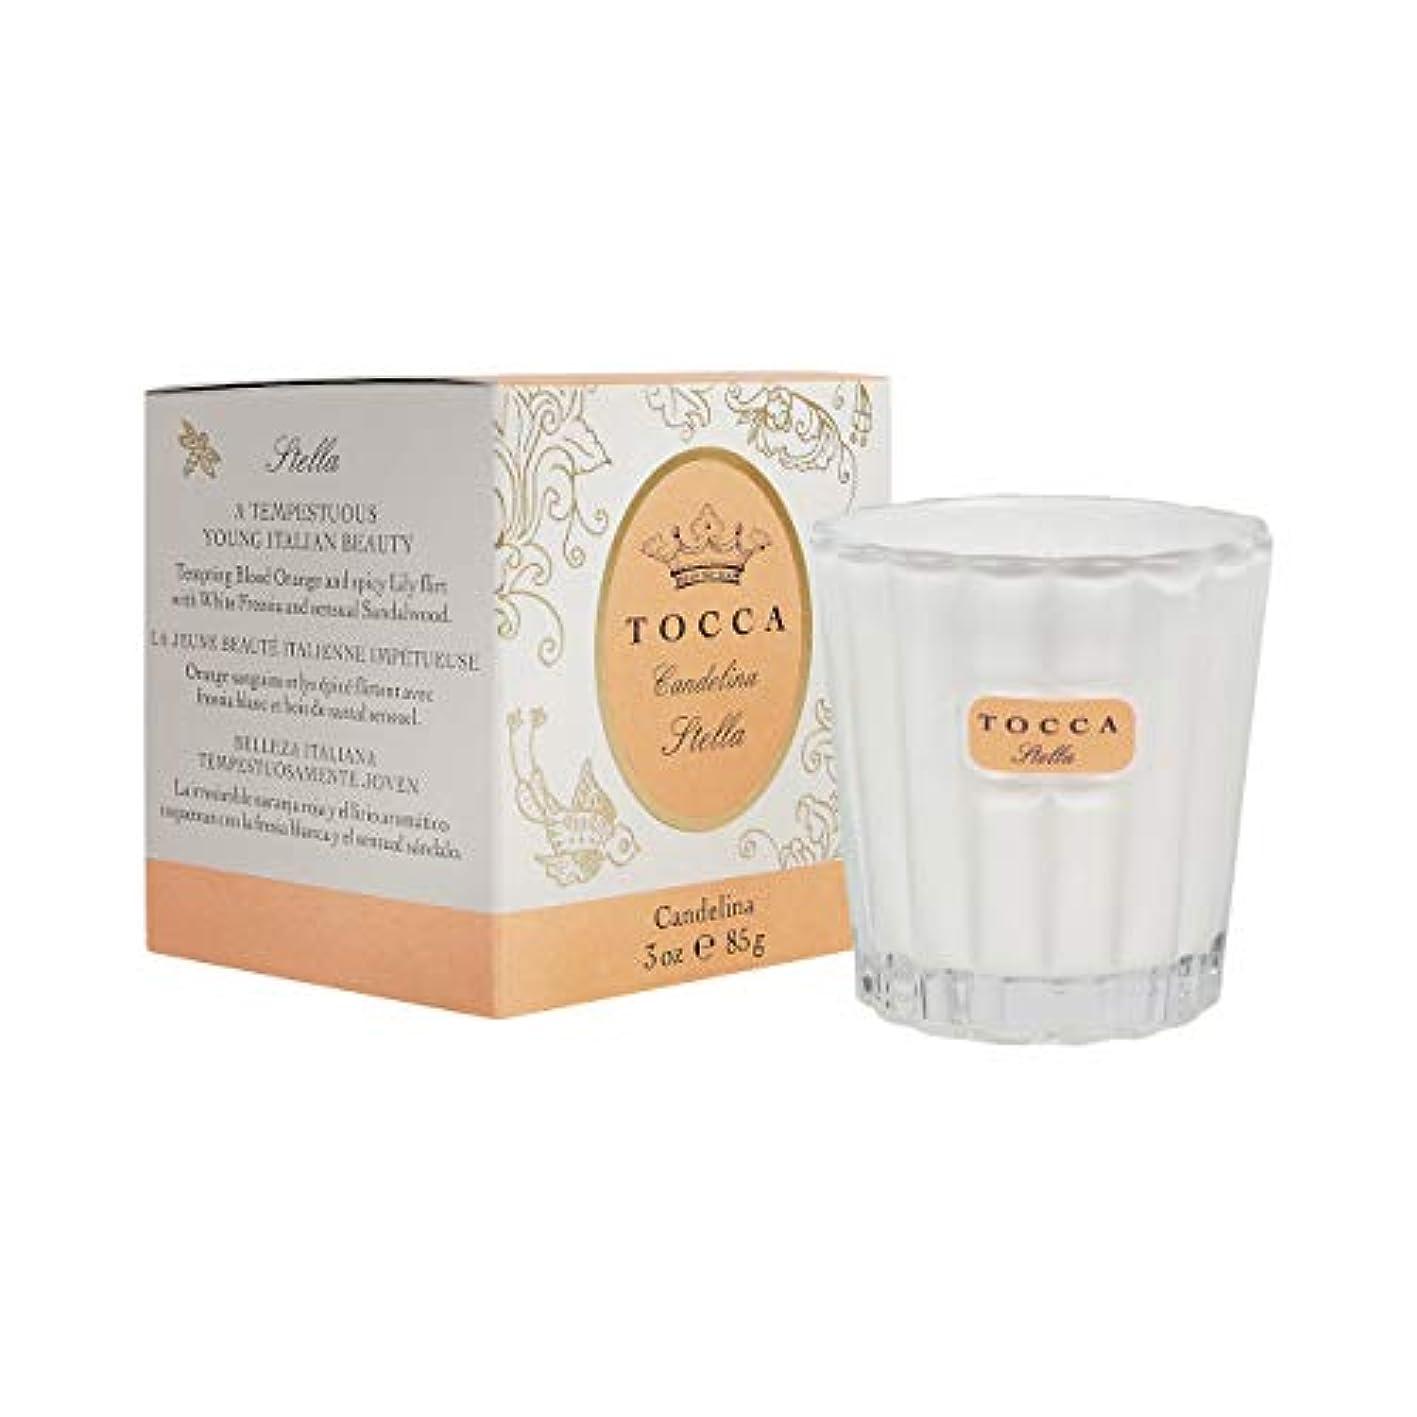 トッカ(TOCCA) キャンデリーナ ステラの香り 約85g (キャンドル ろうそく フレッシュでビターな香り)